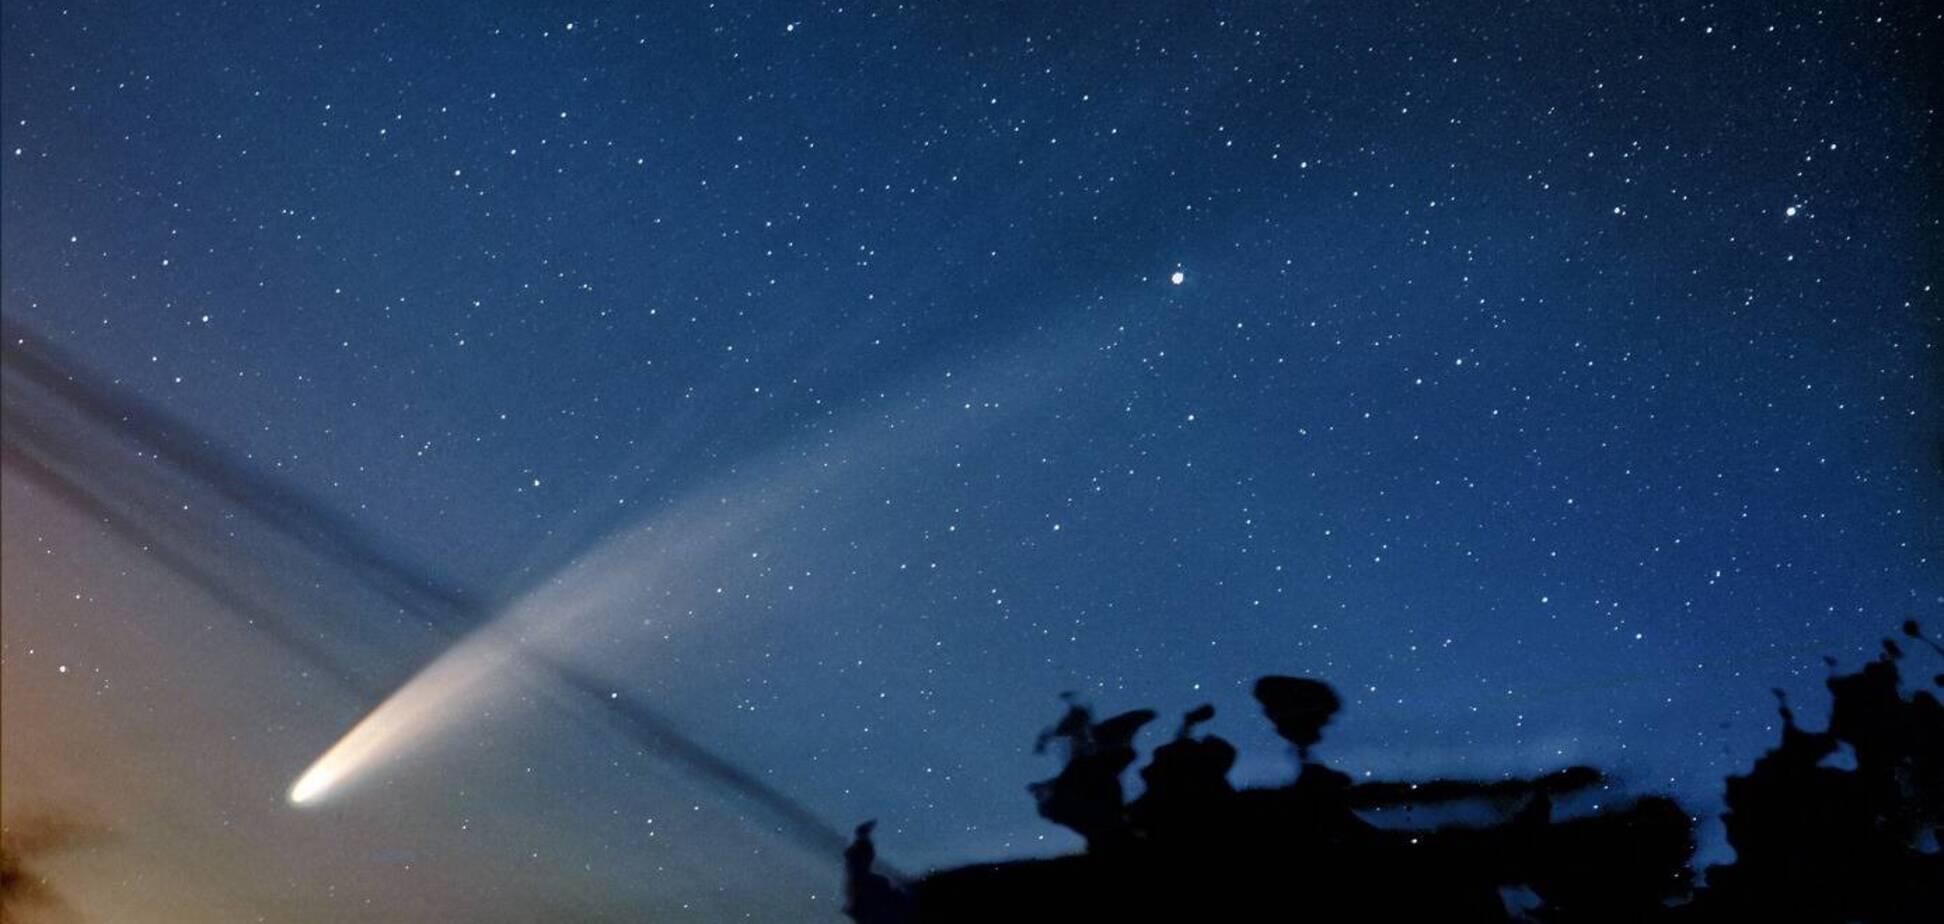 Комета C/2020 F3 Neowise была впервые замечена 27 марта 2020 года